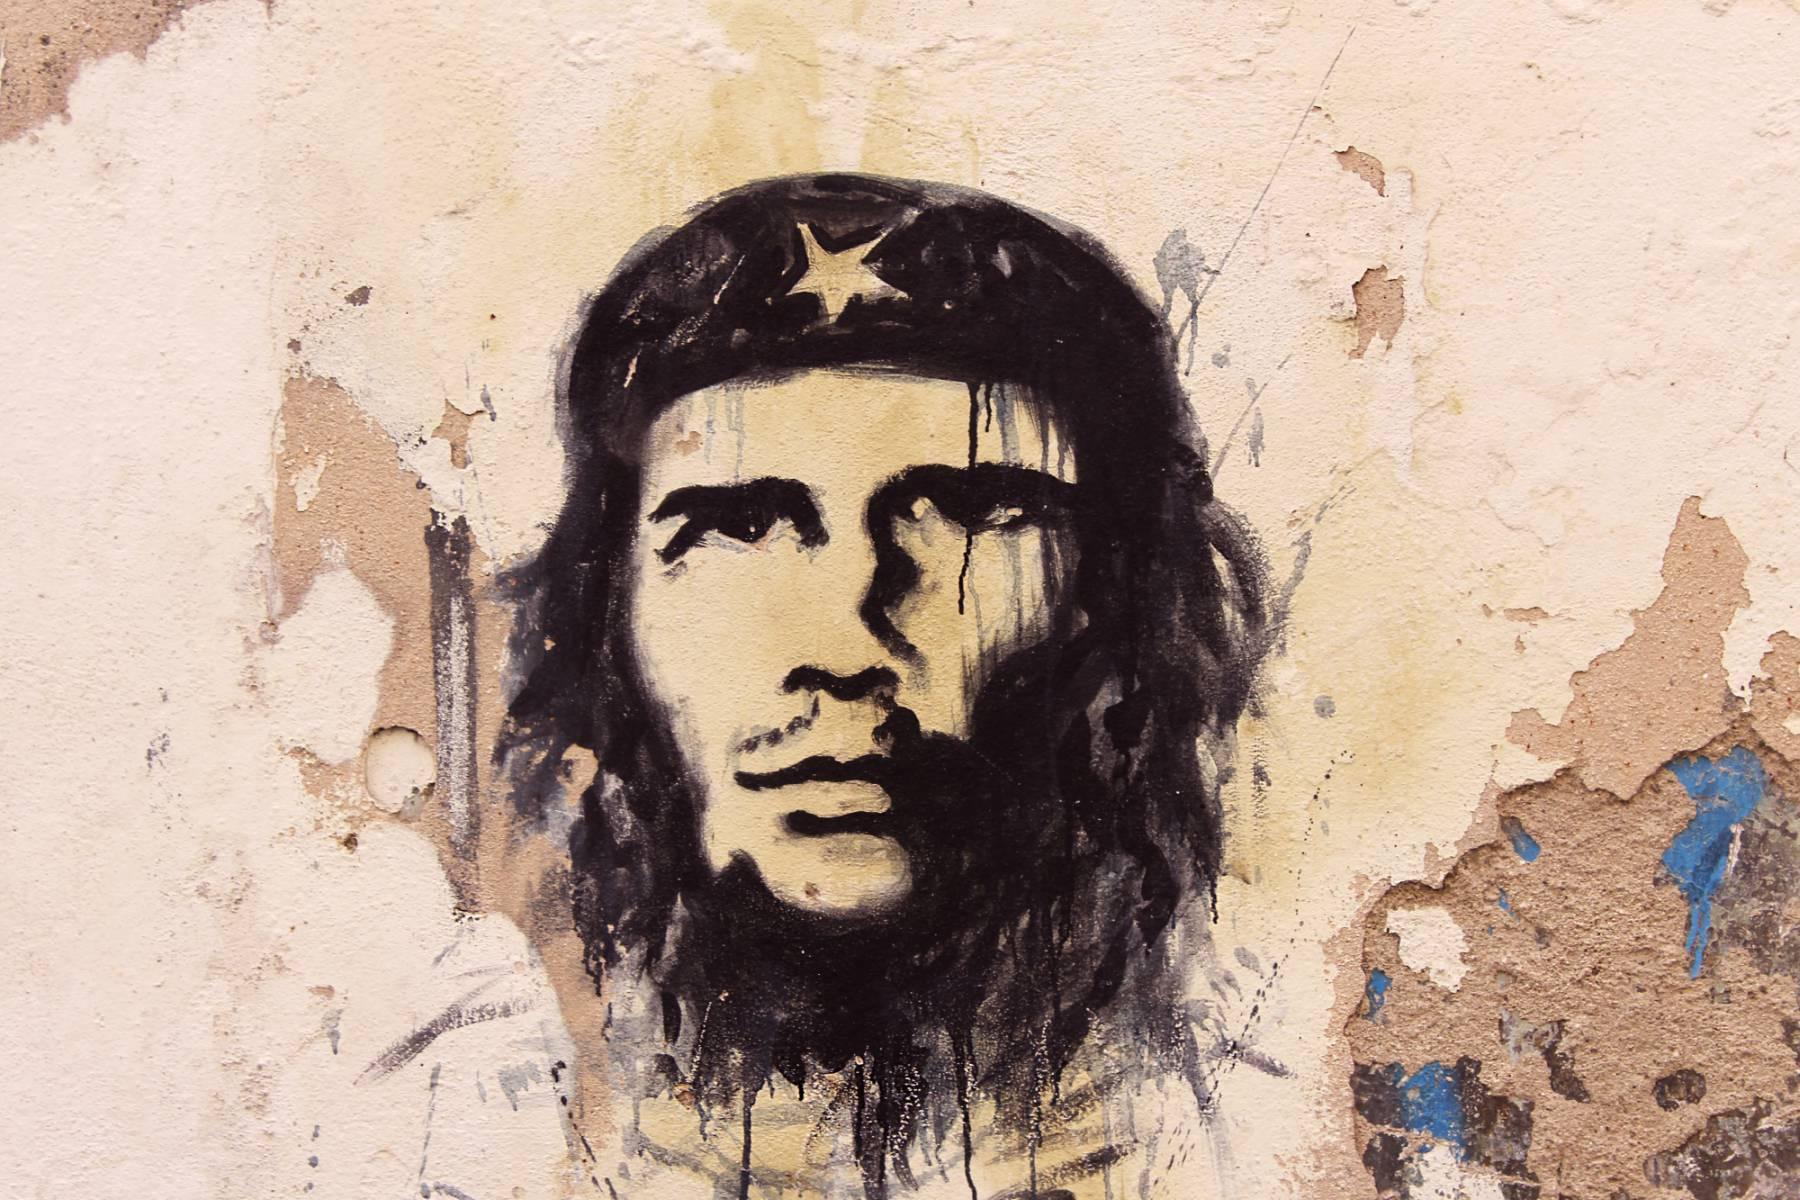 Pouličné umenie Havana - Che Guevara